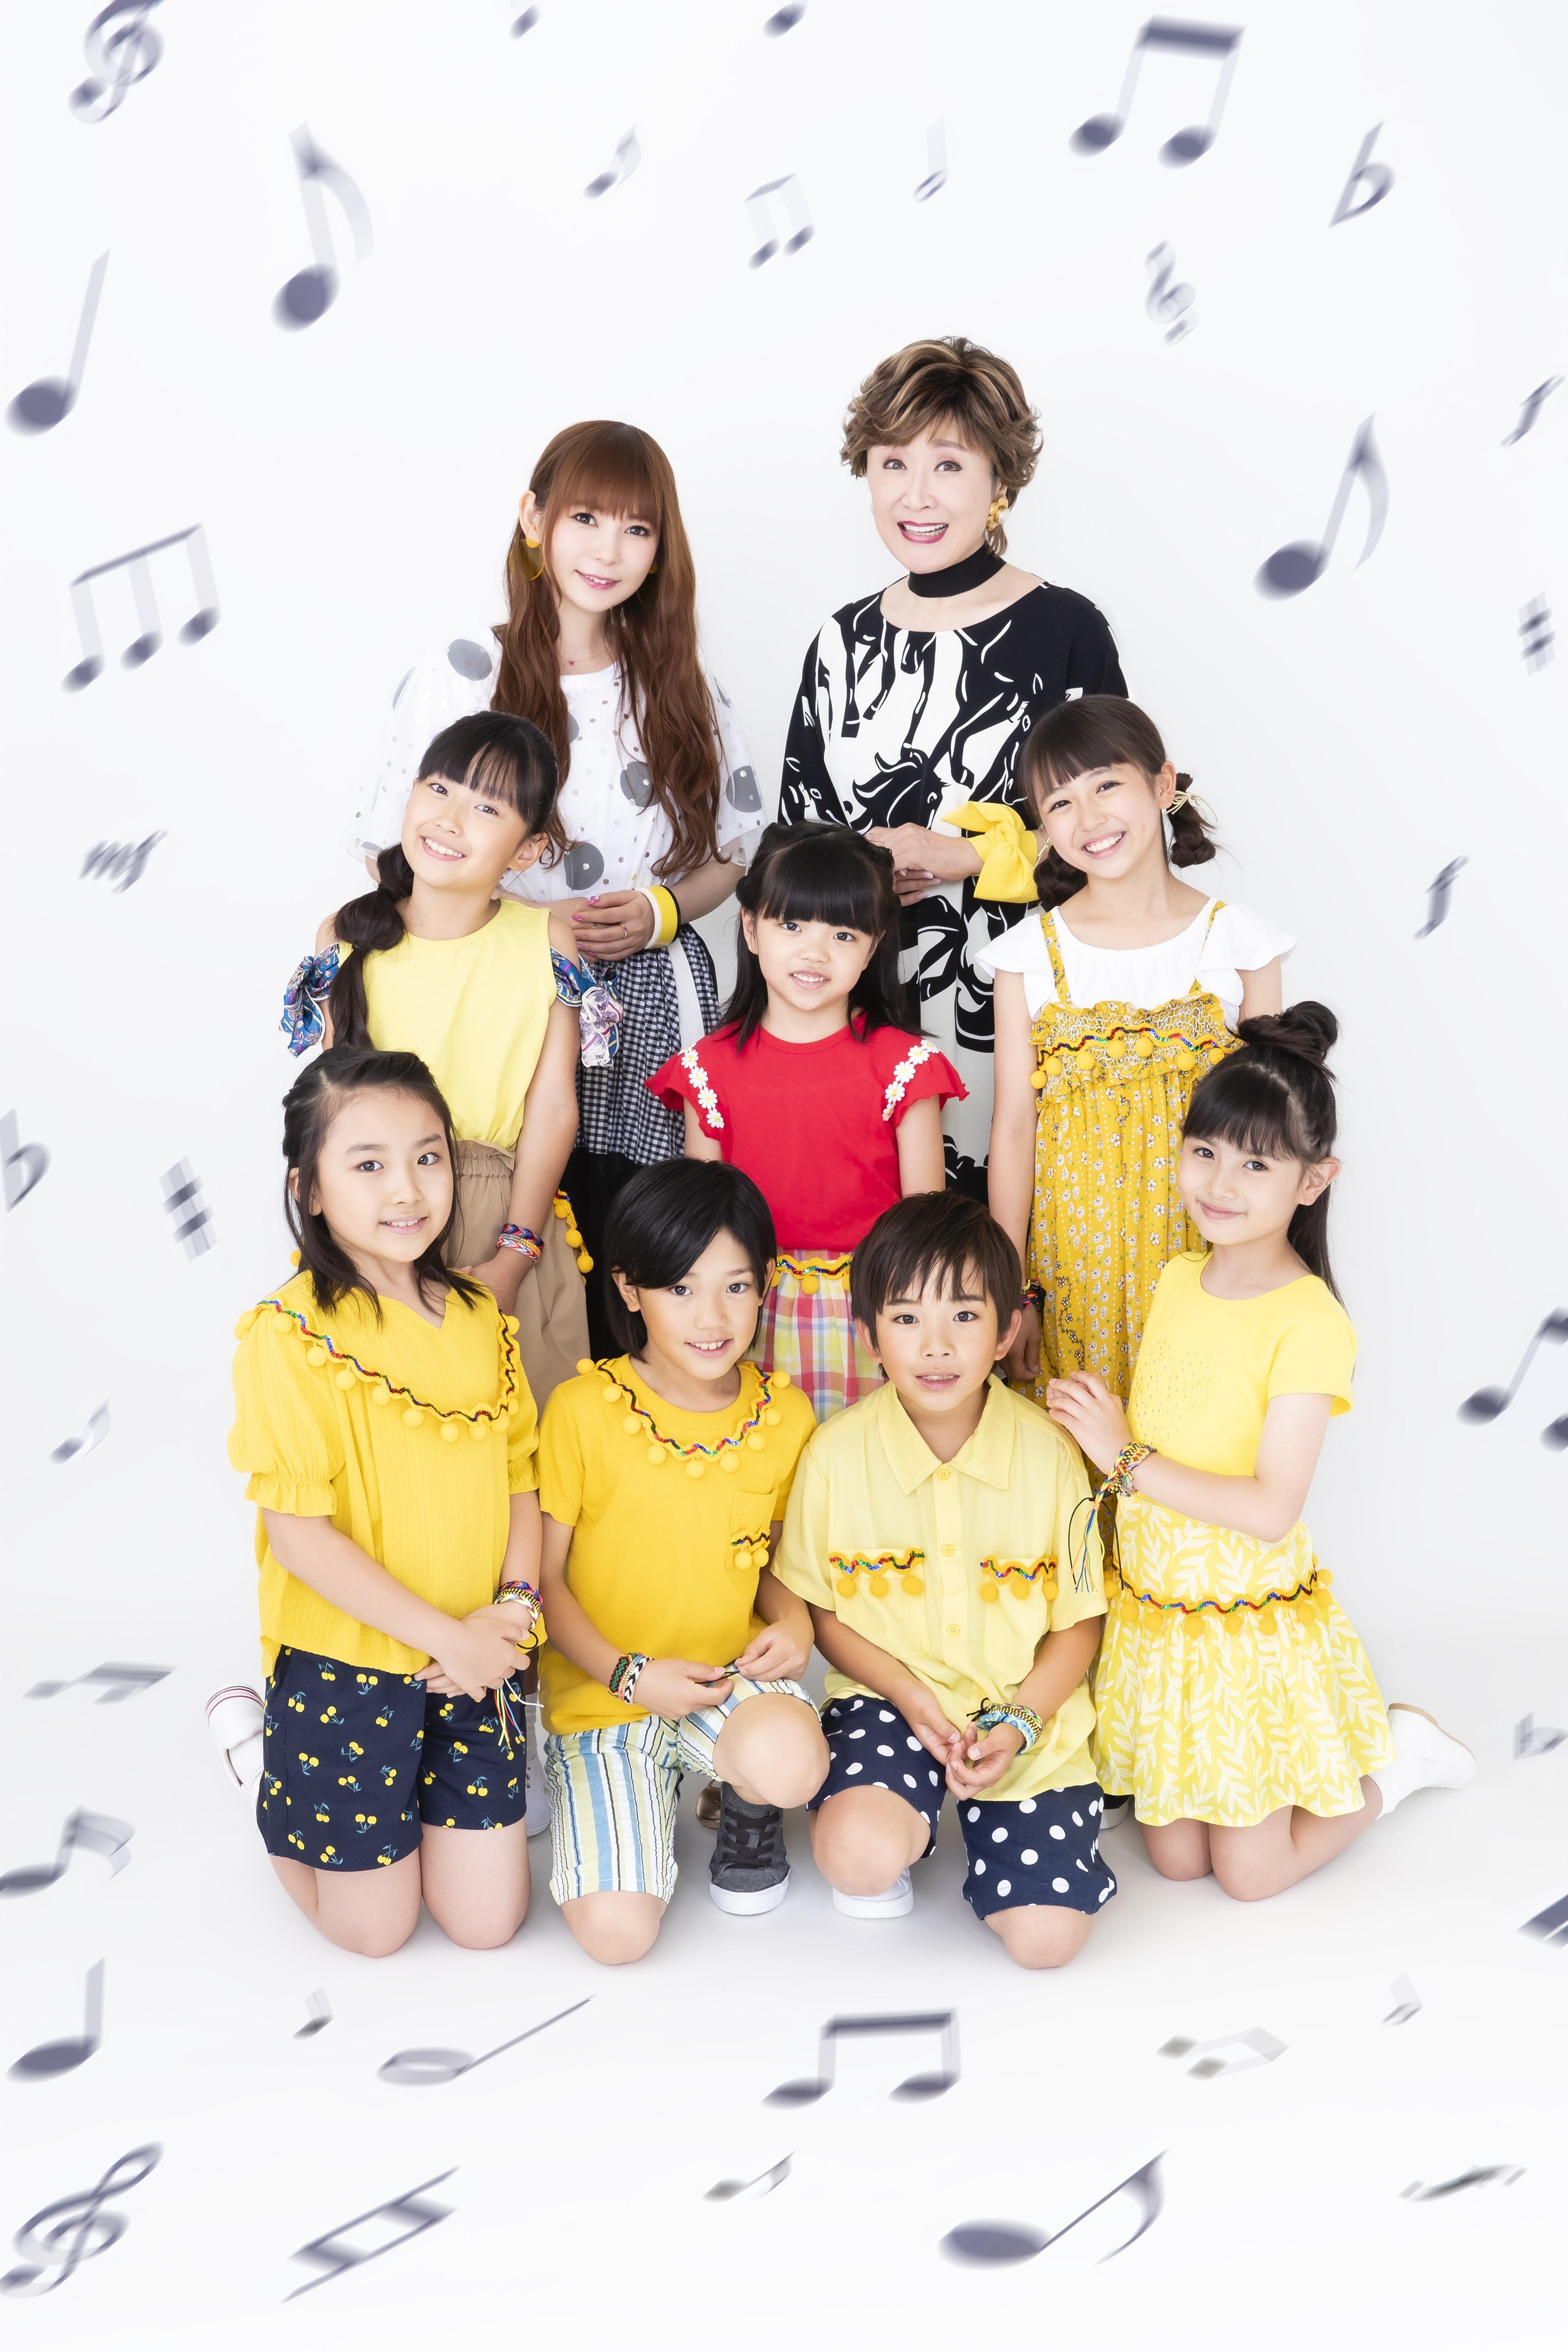 「風といっしょに」を一緒に歌う【ポケモンキッズ2019】決定!!